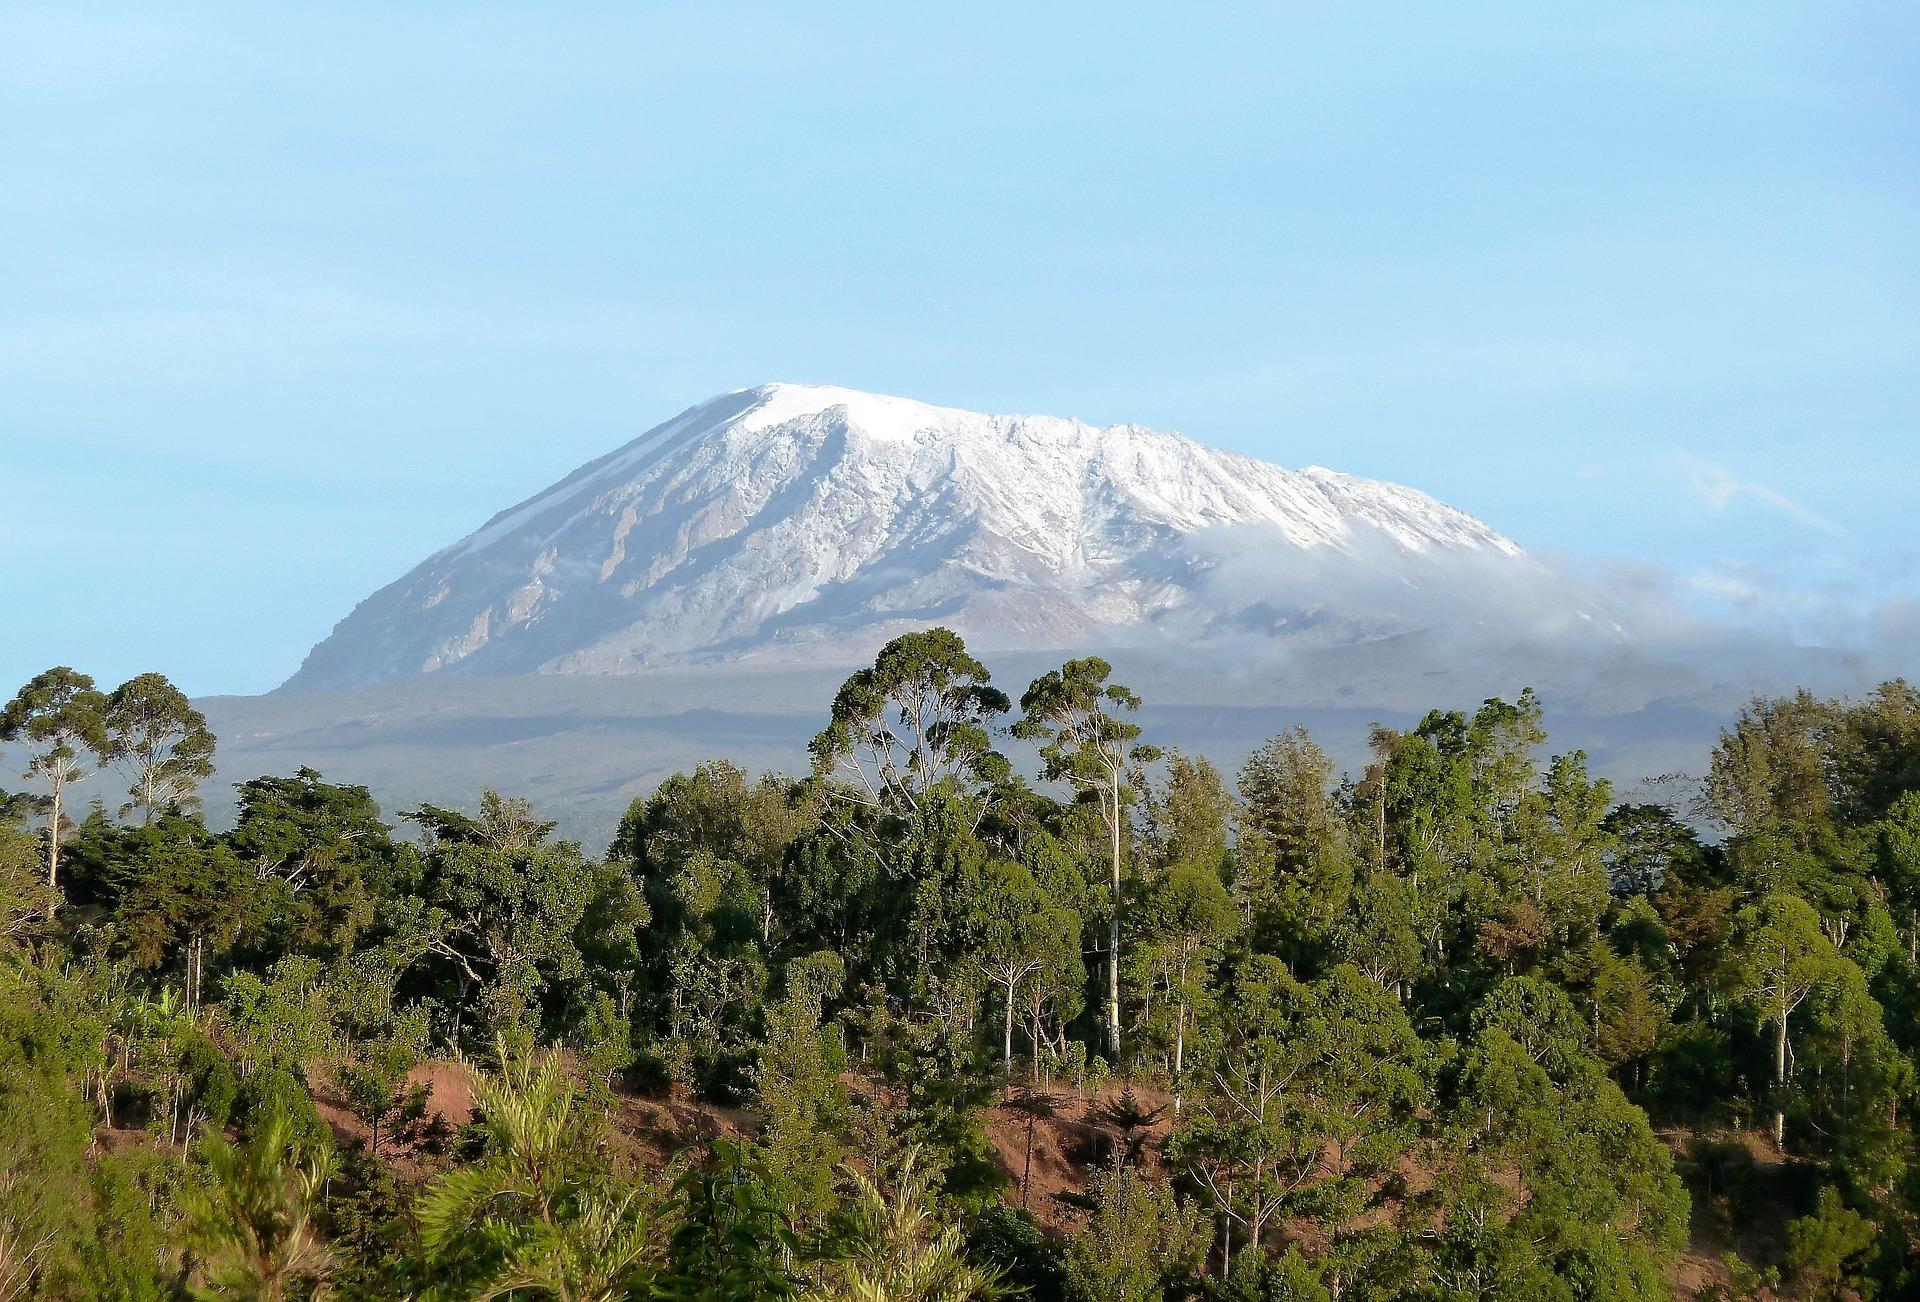 Kilimanjaro, Tanzania, Africa